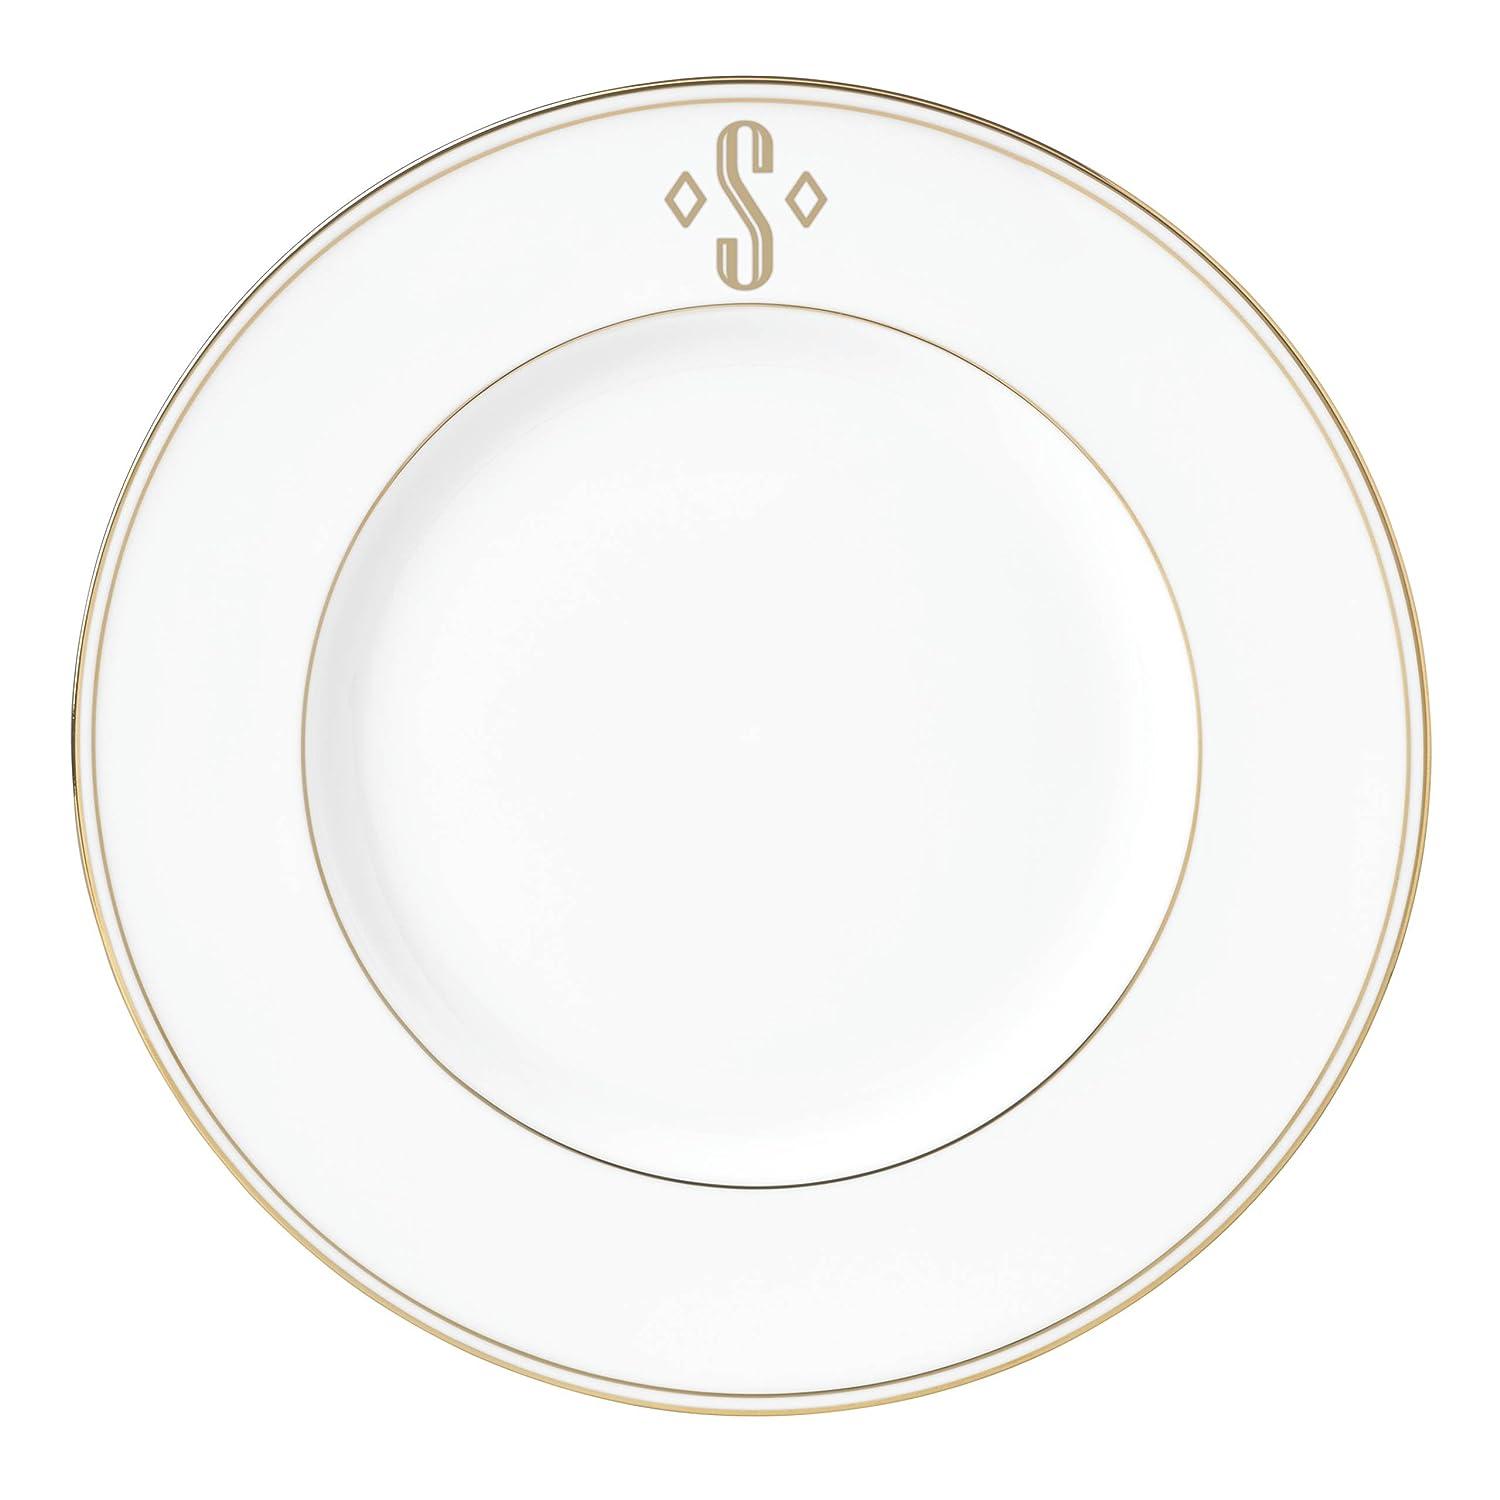 Lenox Federal Gold Block Monogram Dinnerware Placesetting Bowl X 873162